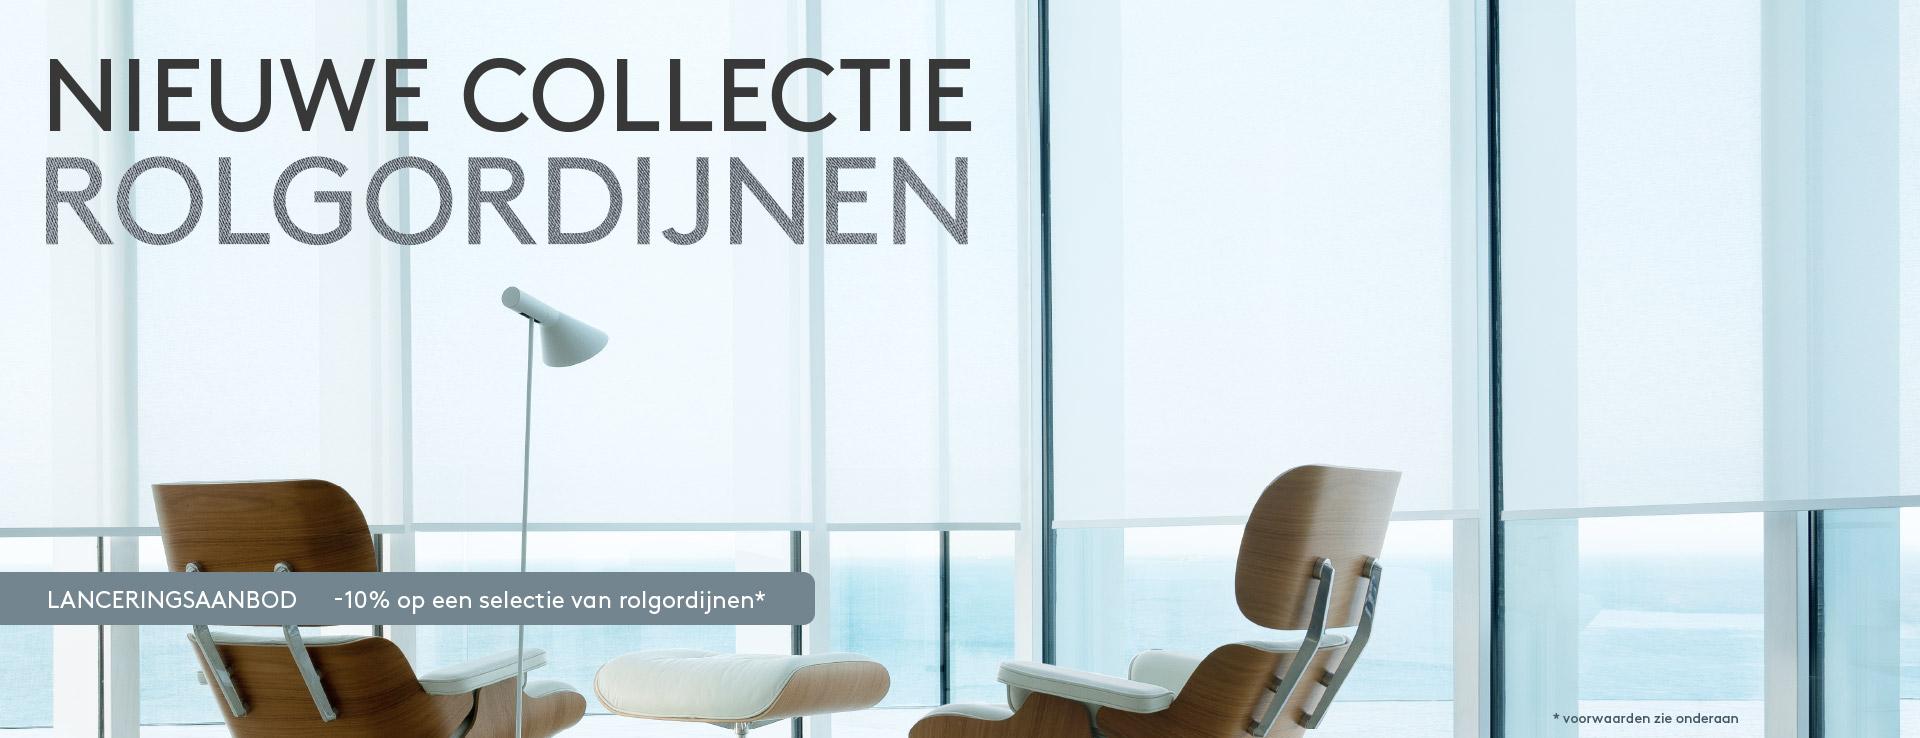 rolgordijnen-nieuwe-collectie